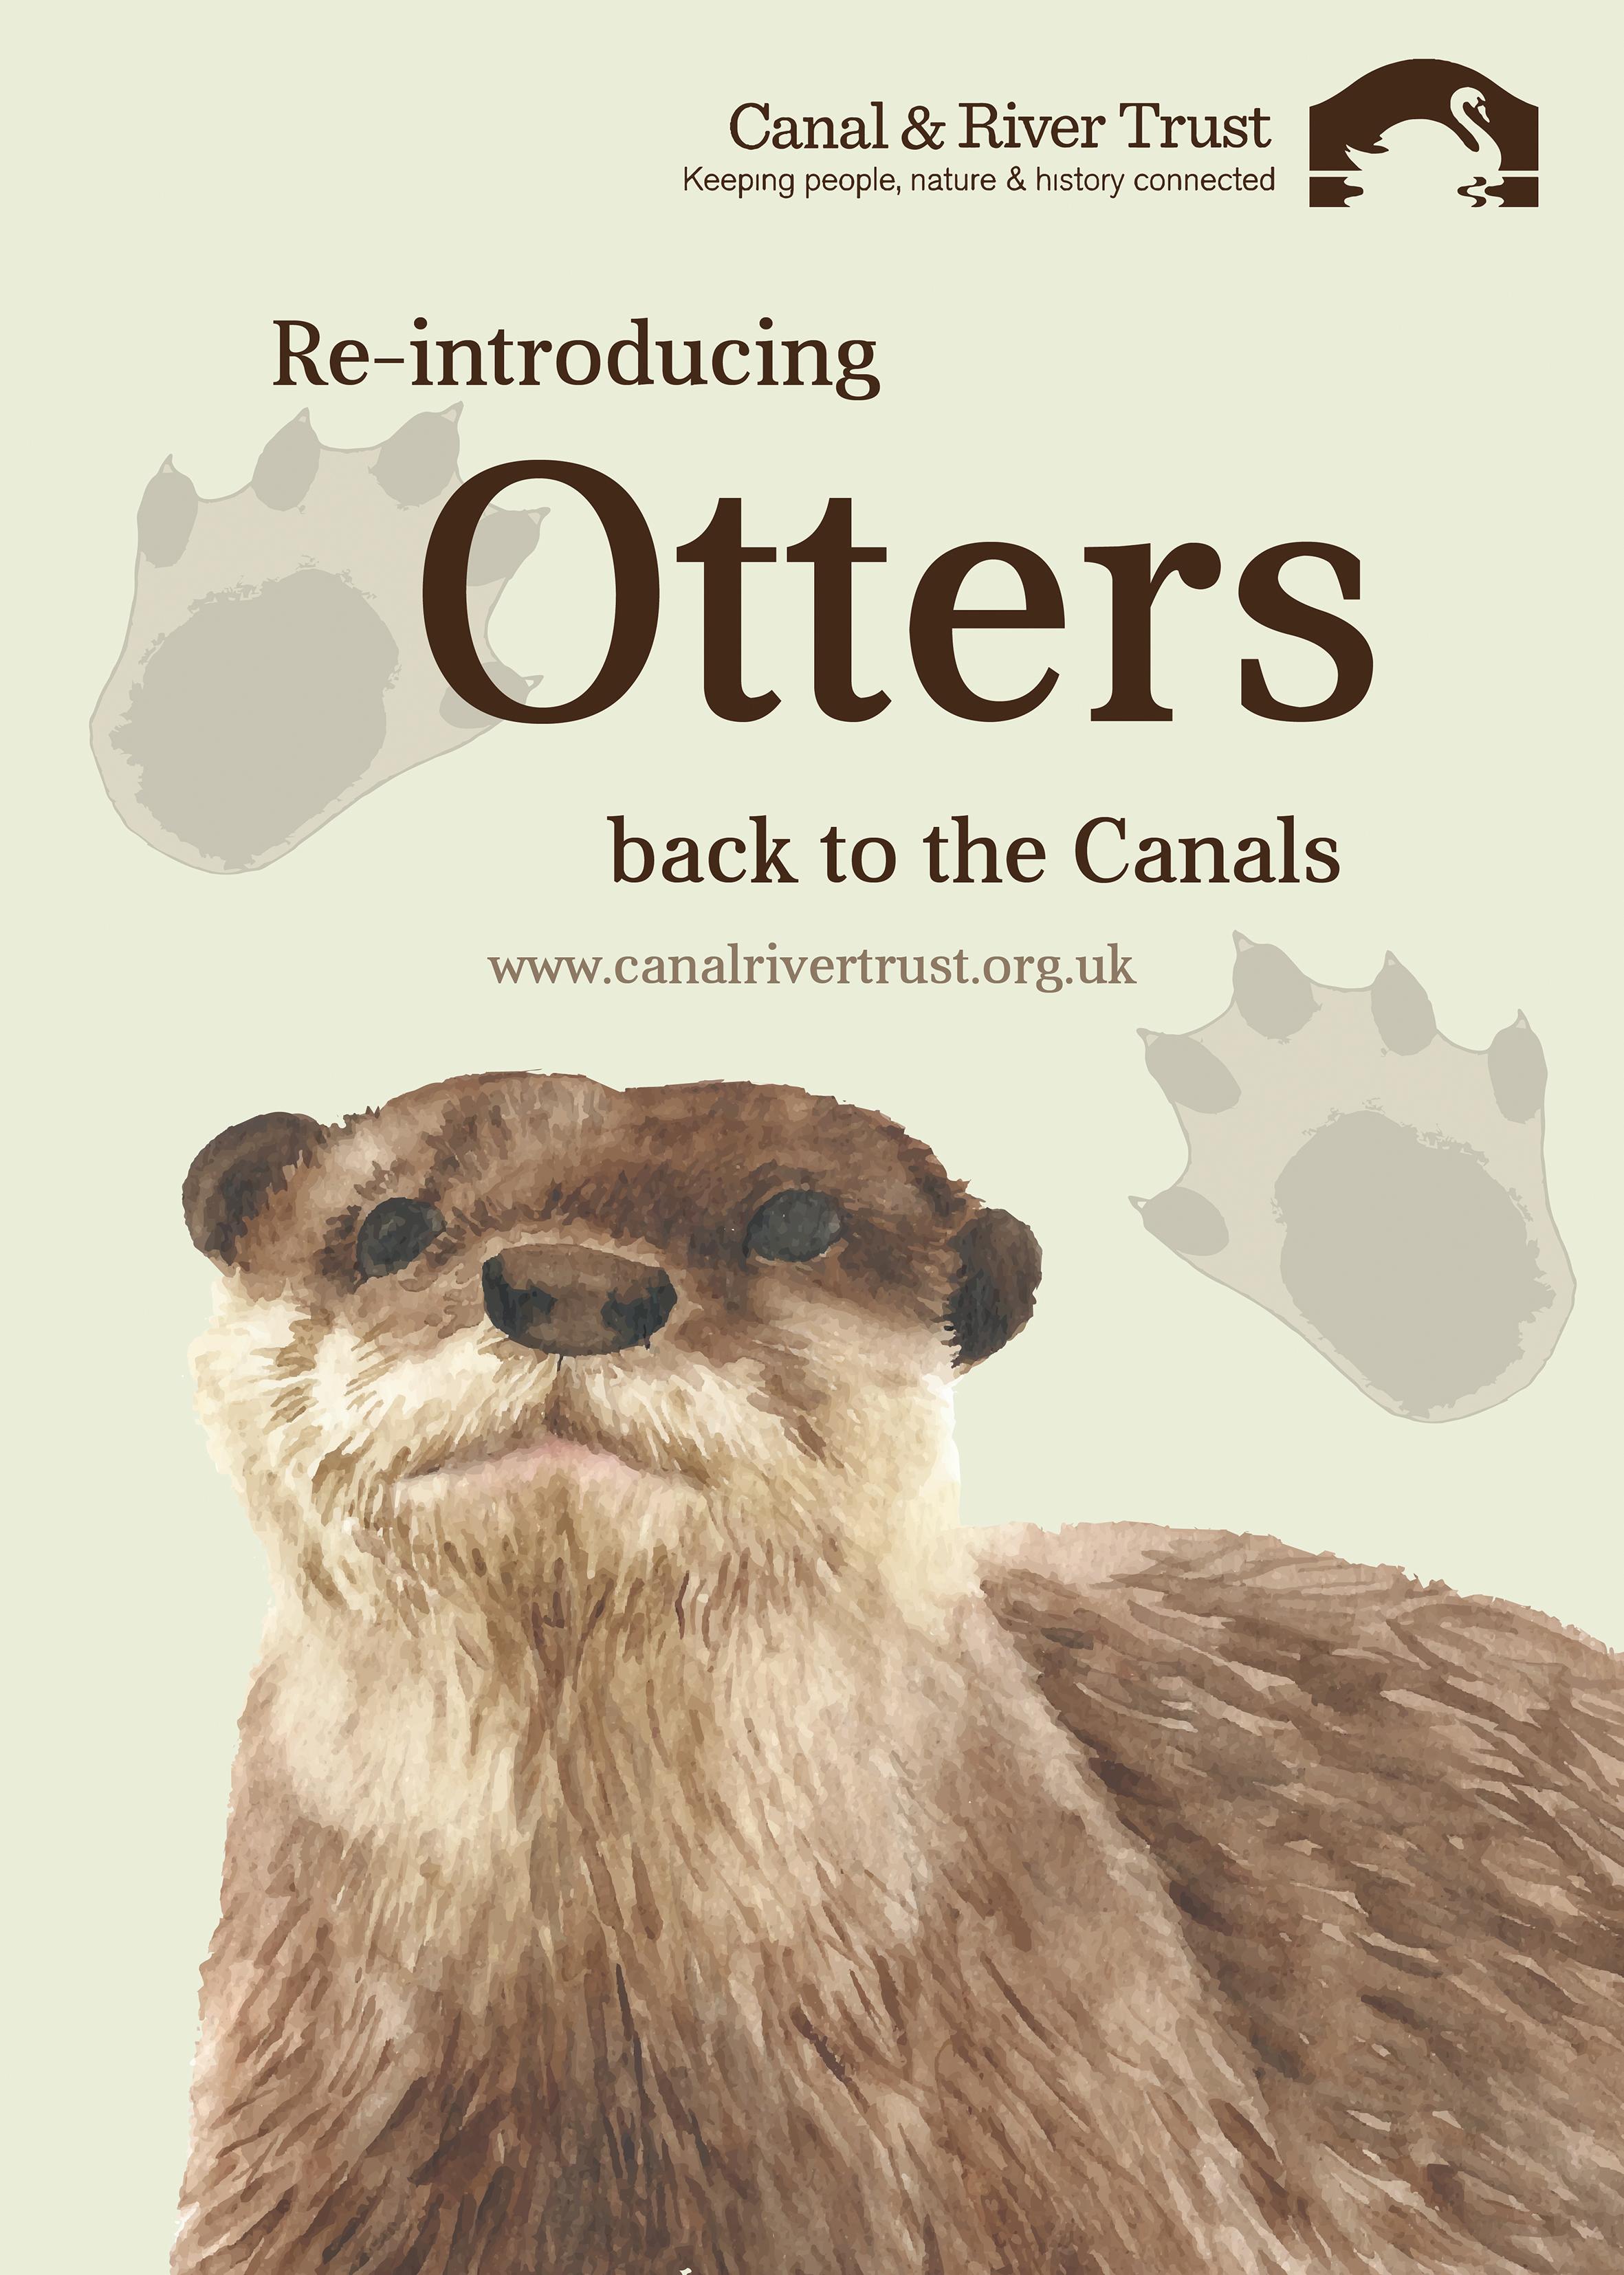 Otter Poster 2 Small.jpg